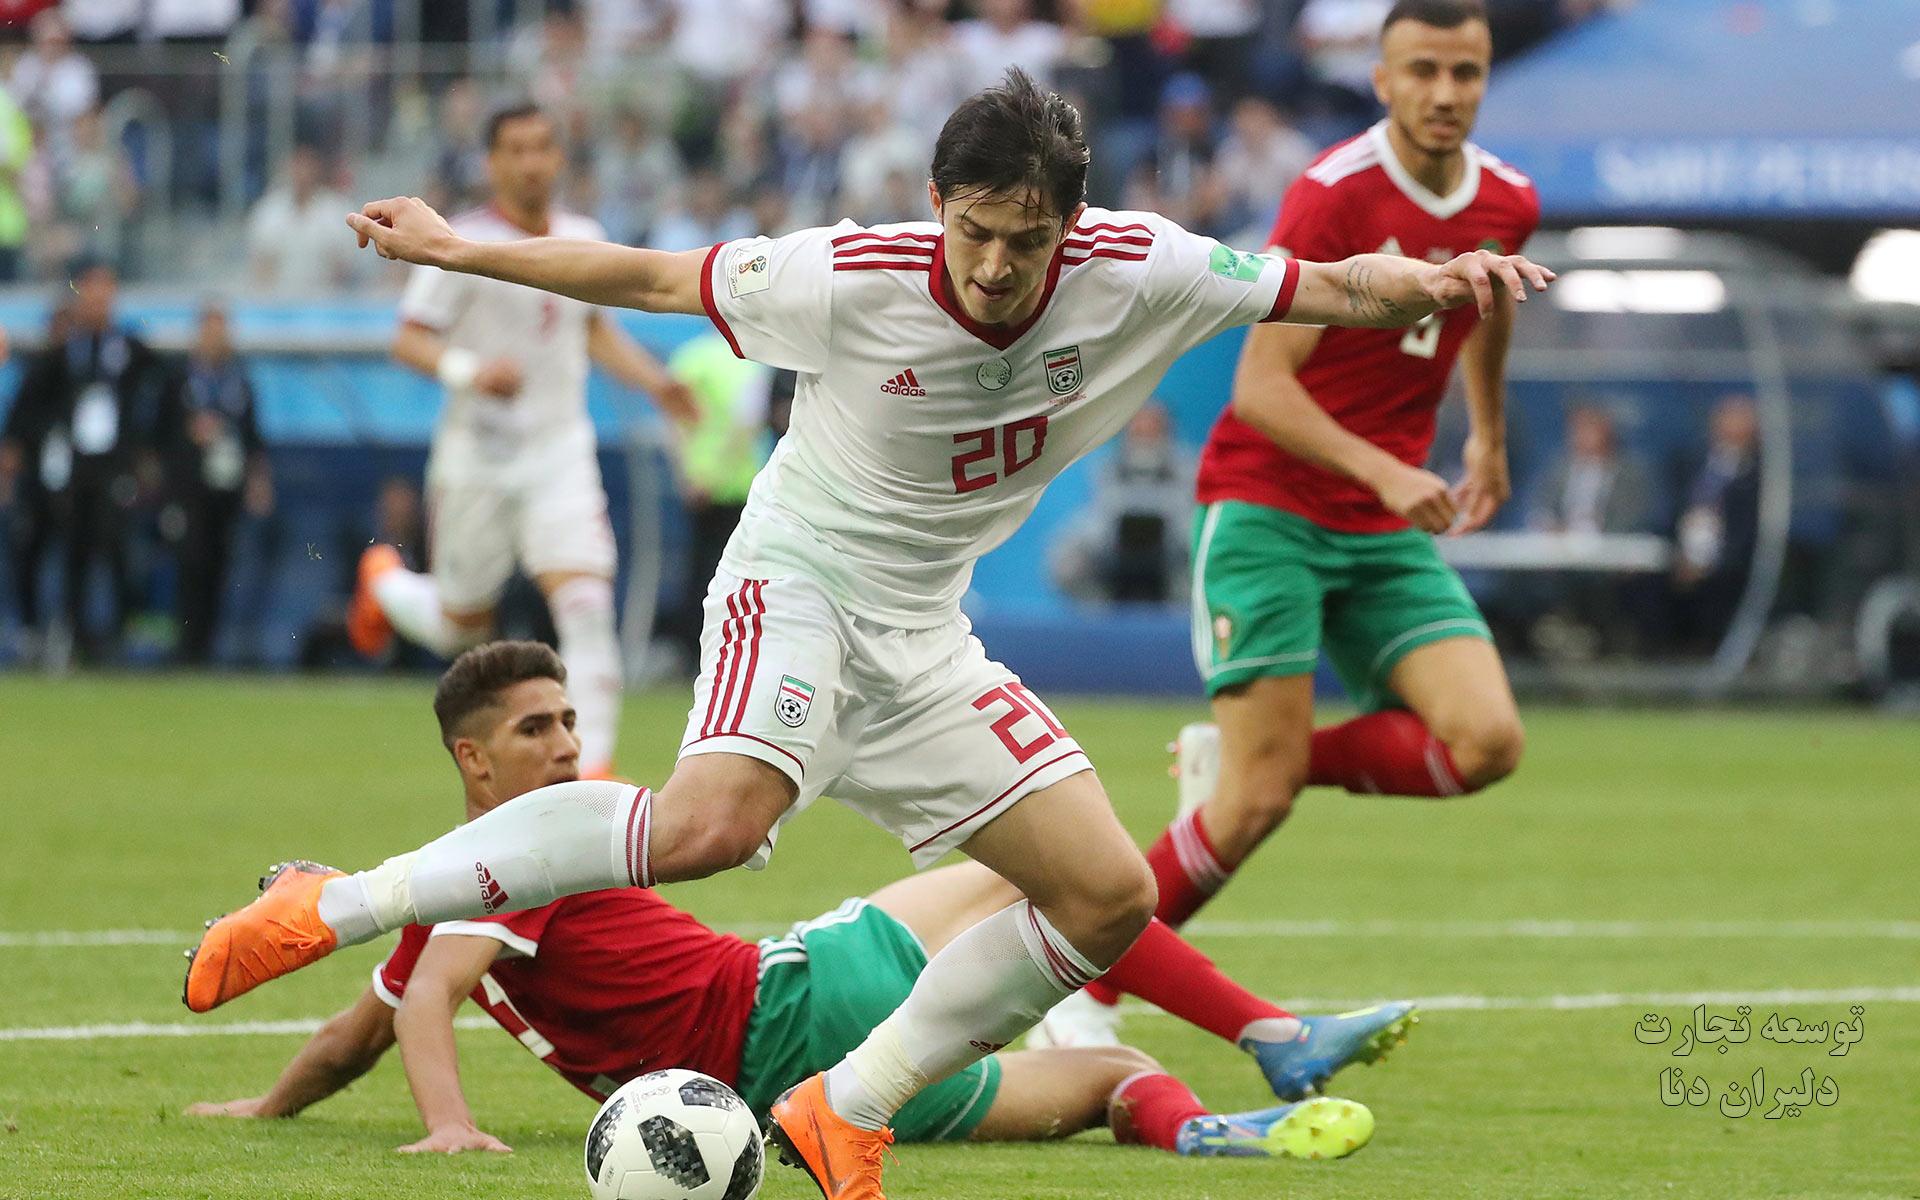 تصاویر با کیفیت تیم ملی فوتبال ایران برای پس زمینه 2